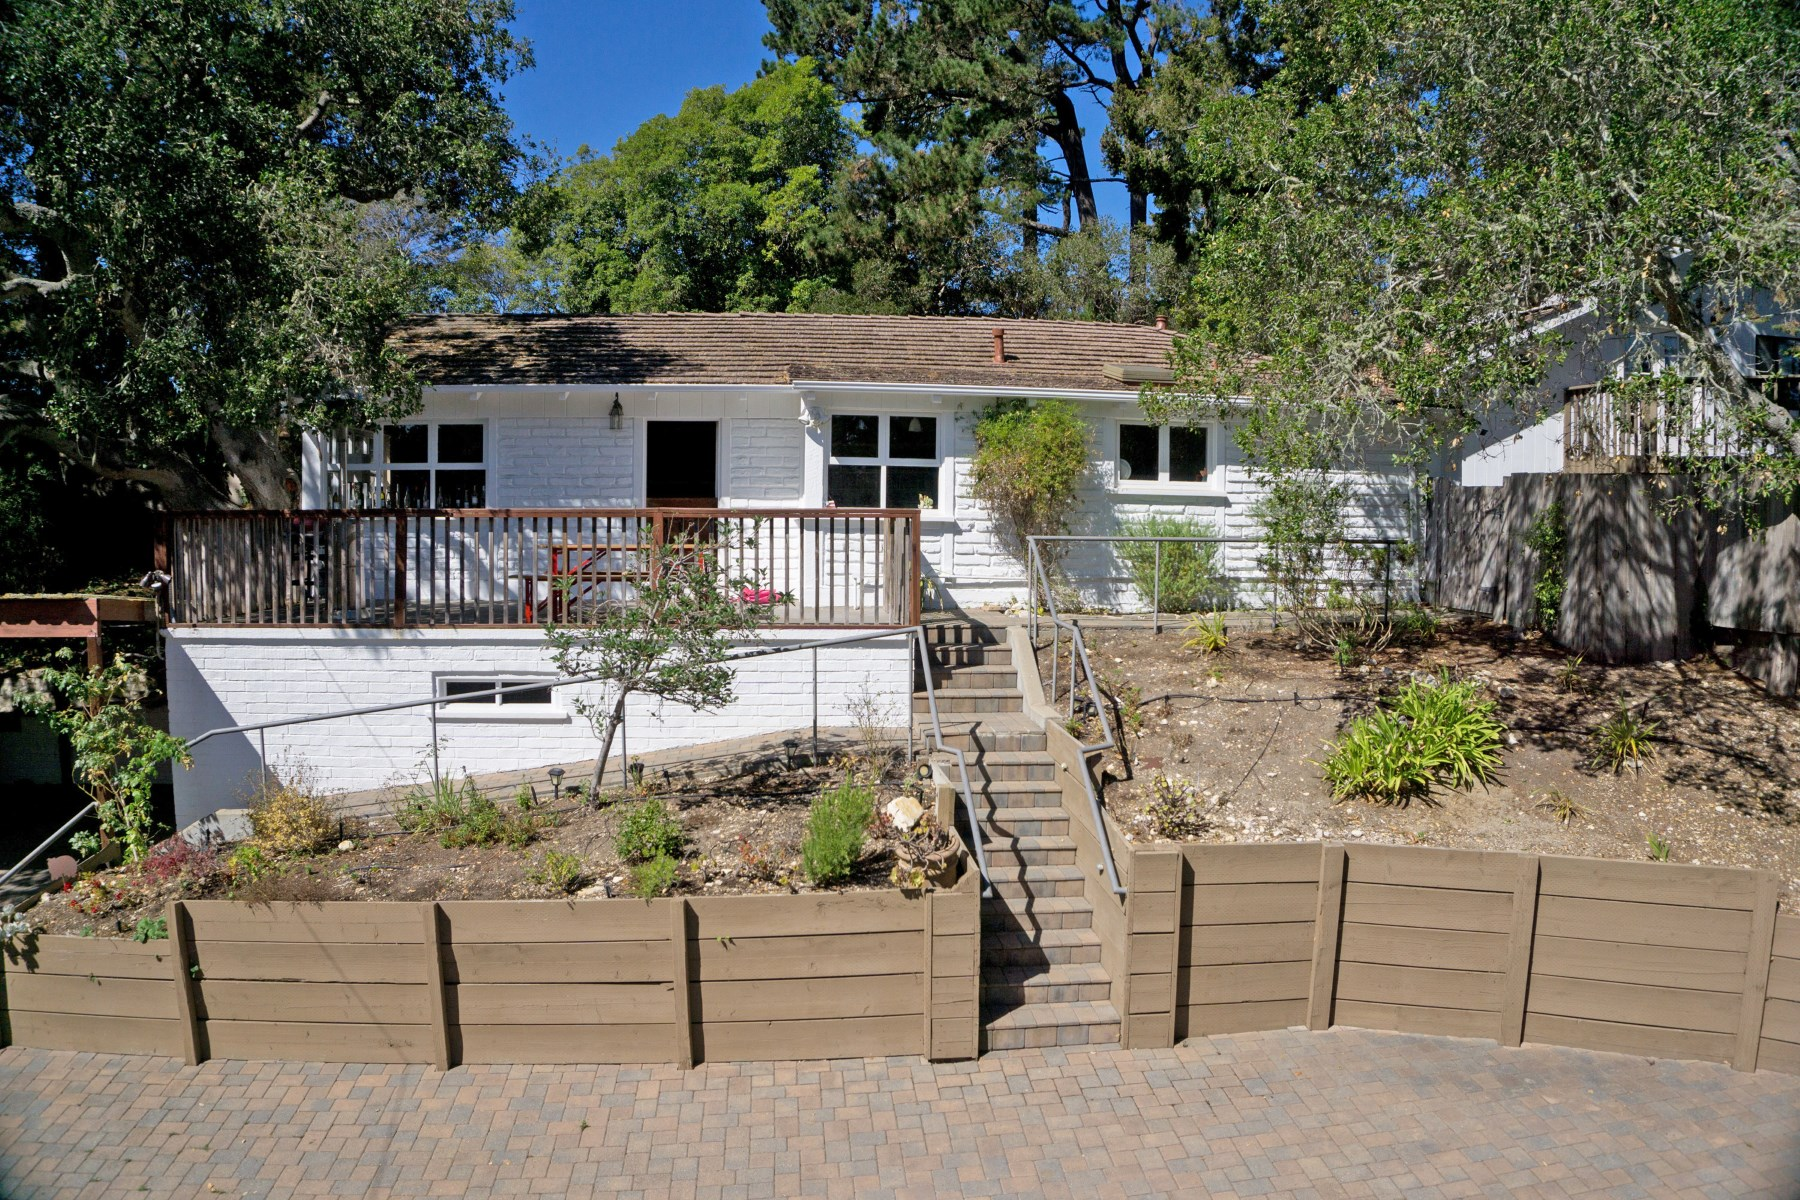 Tek Ailelik Ev için Satış at Remodeled Post- Adobe in Carmel Woods 24408 San Mateo Avenue Carmel, Kaliforniya, 93923 Amerika Birleşik Devletleri